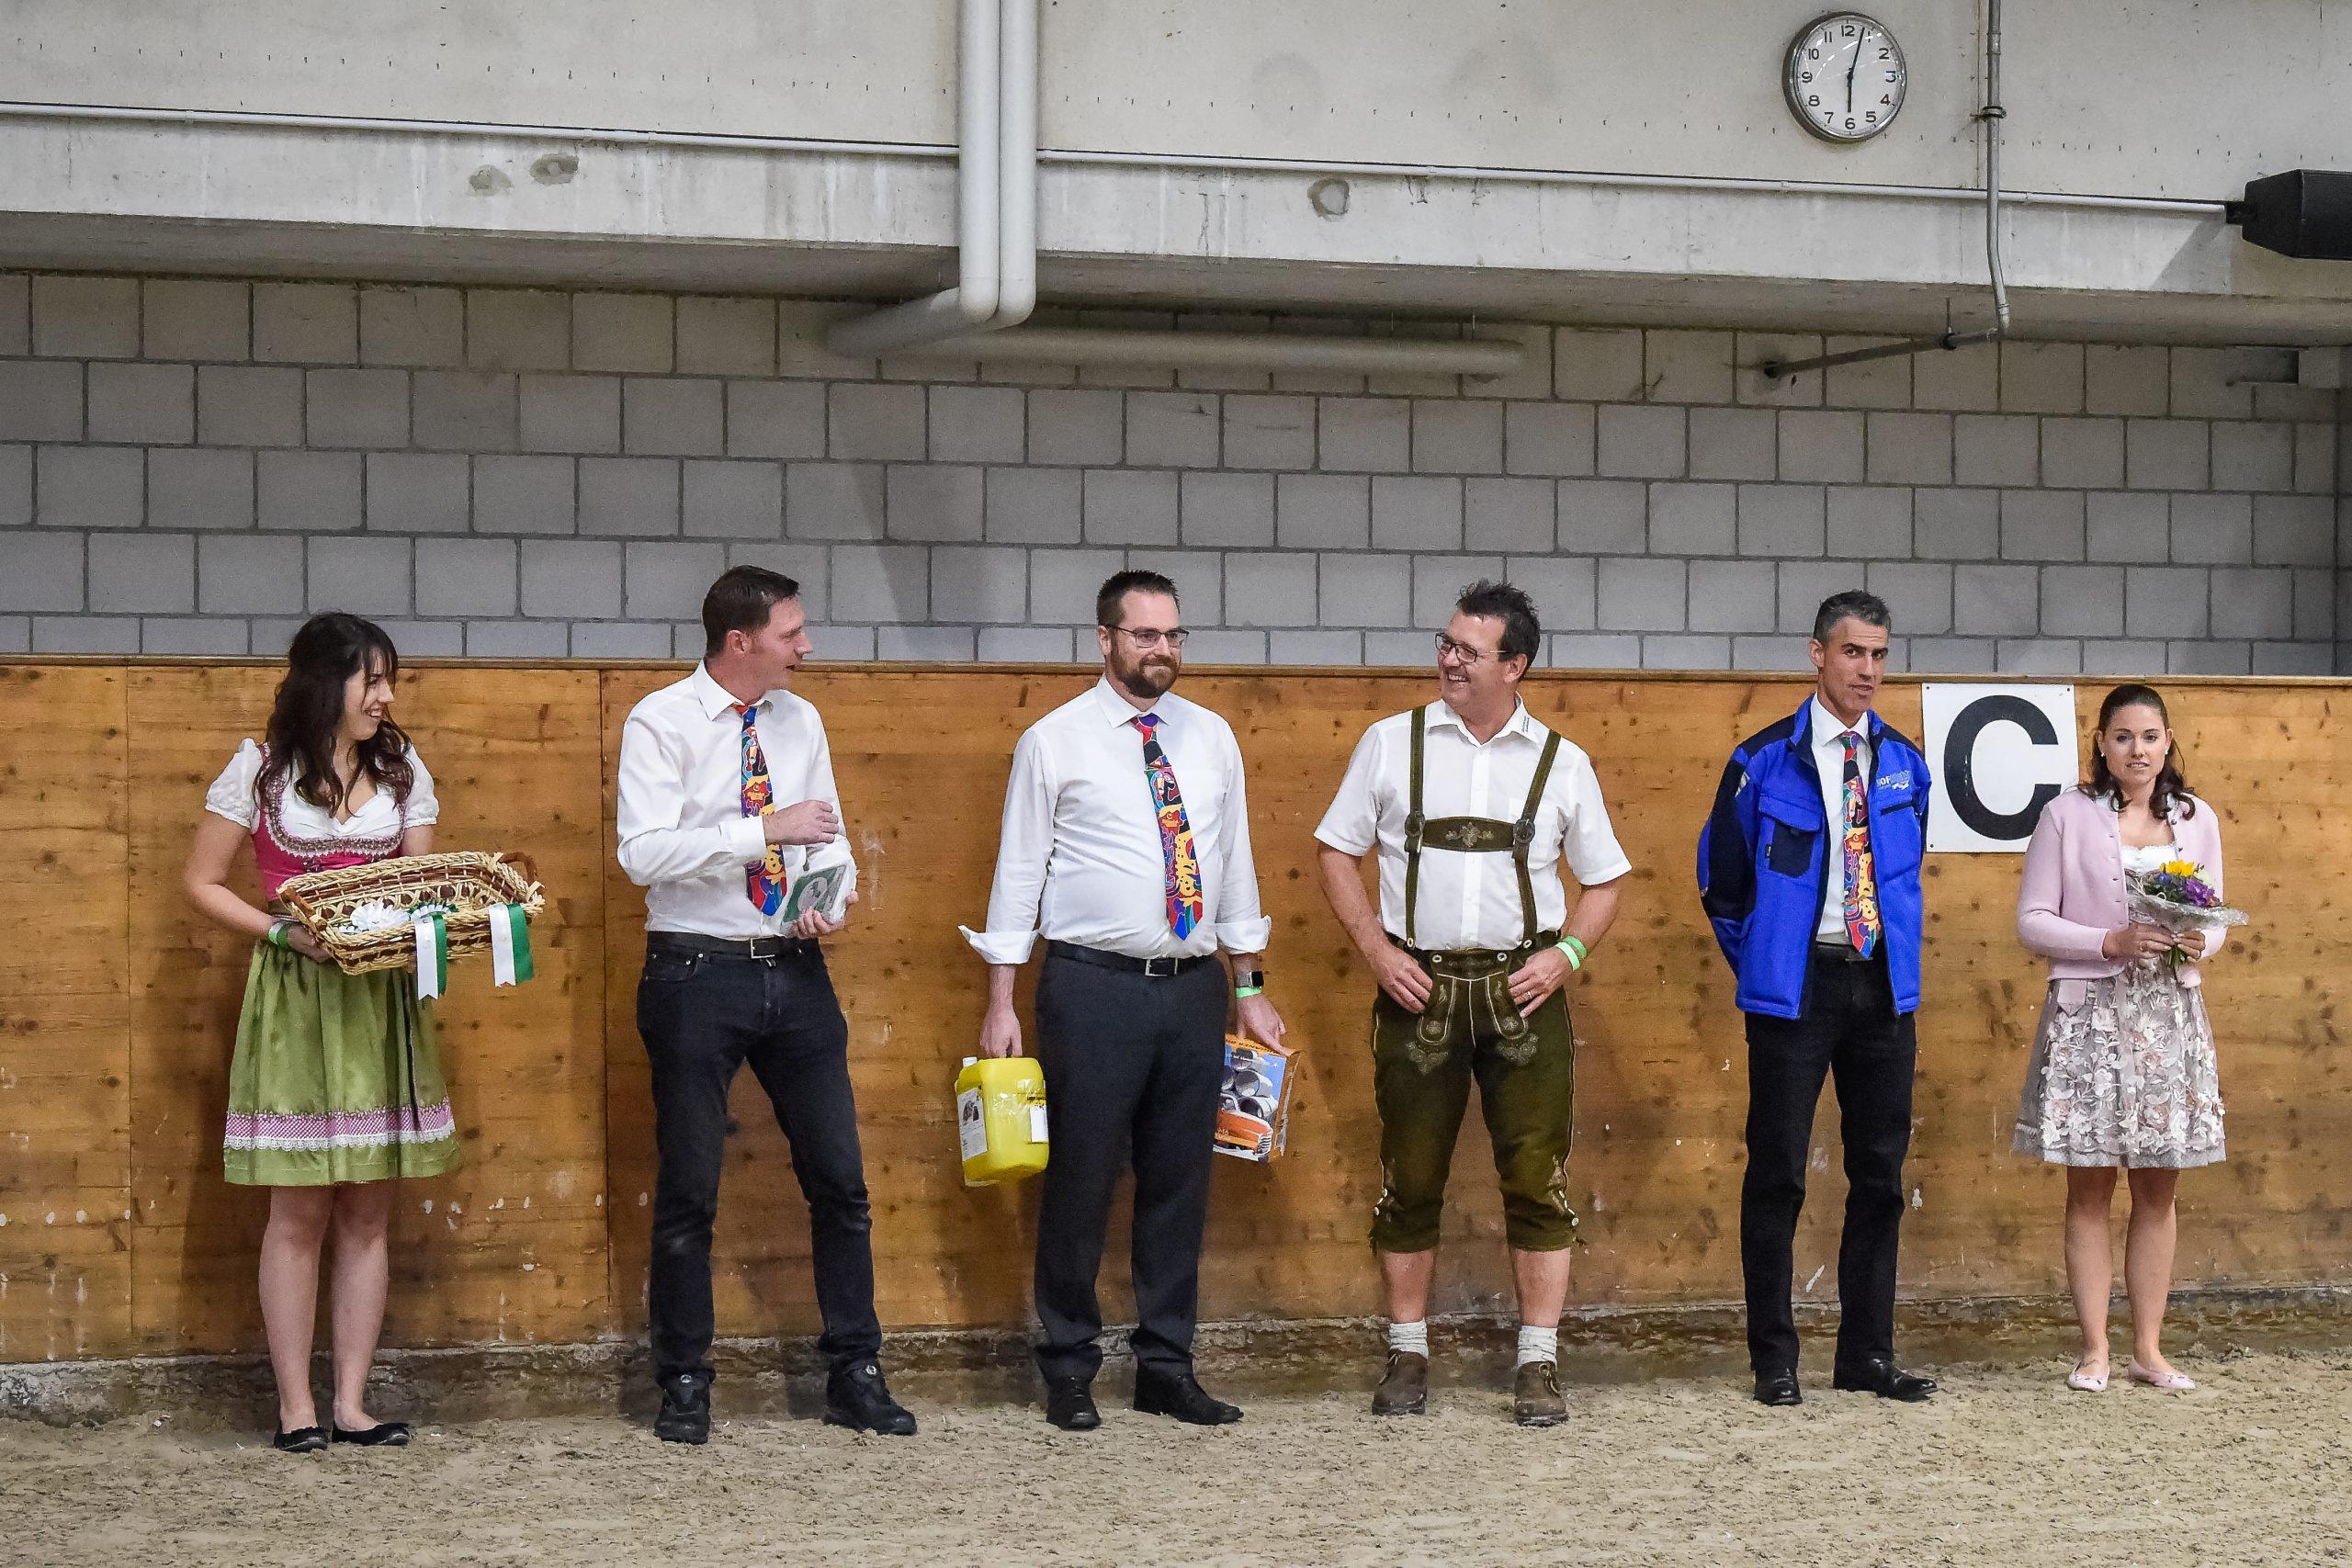 Siegerehrung Concours_Rüti_RN105_Hofstetter Uznach GmbH_Umzüge Transporte_Foto_Stuppia